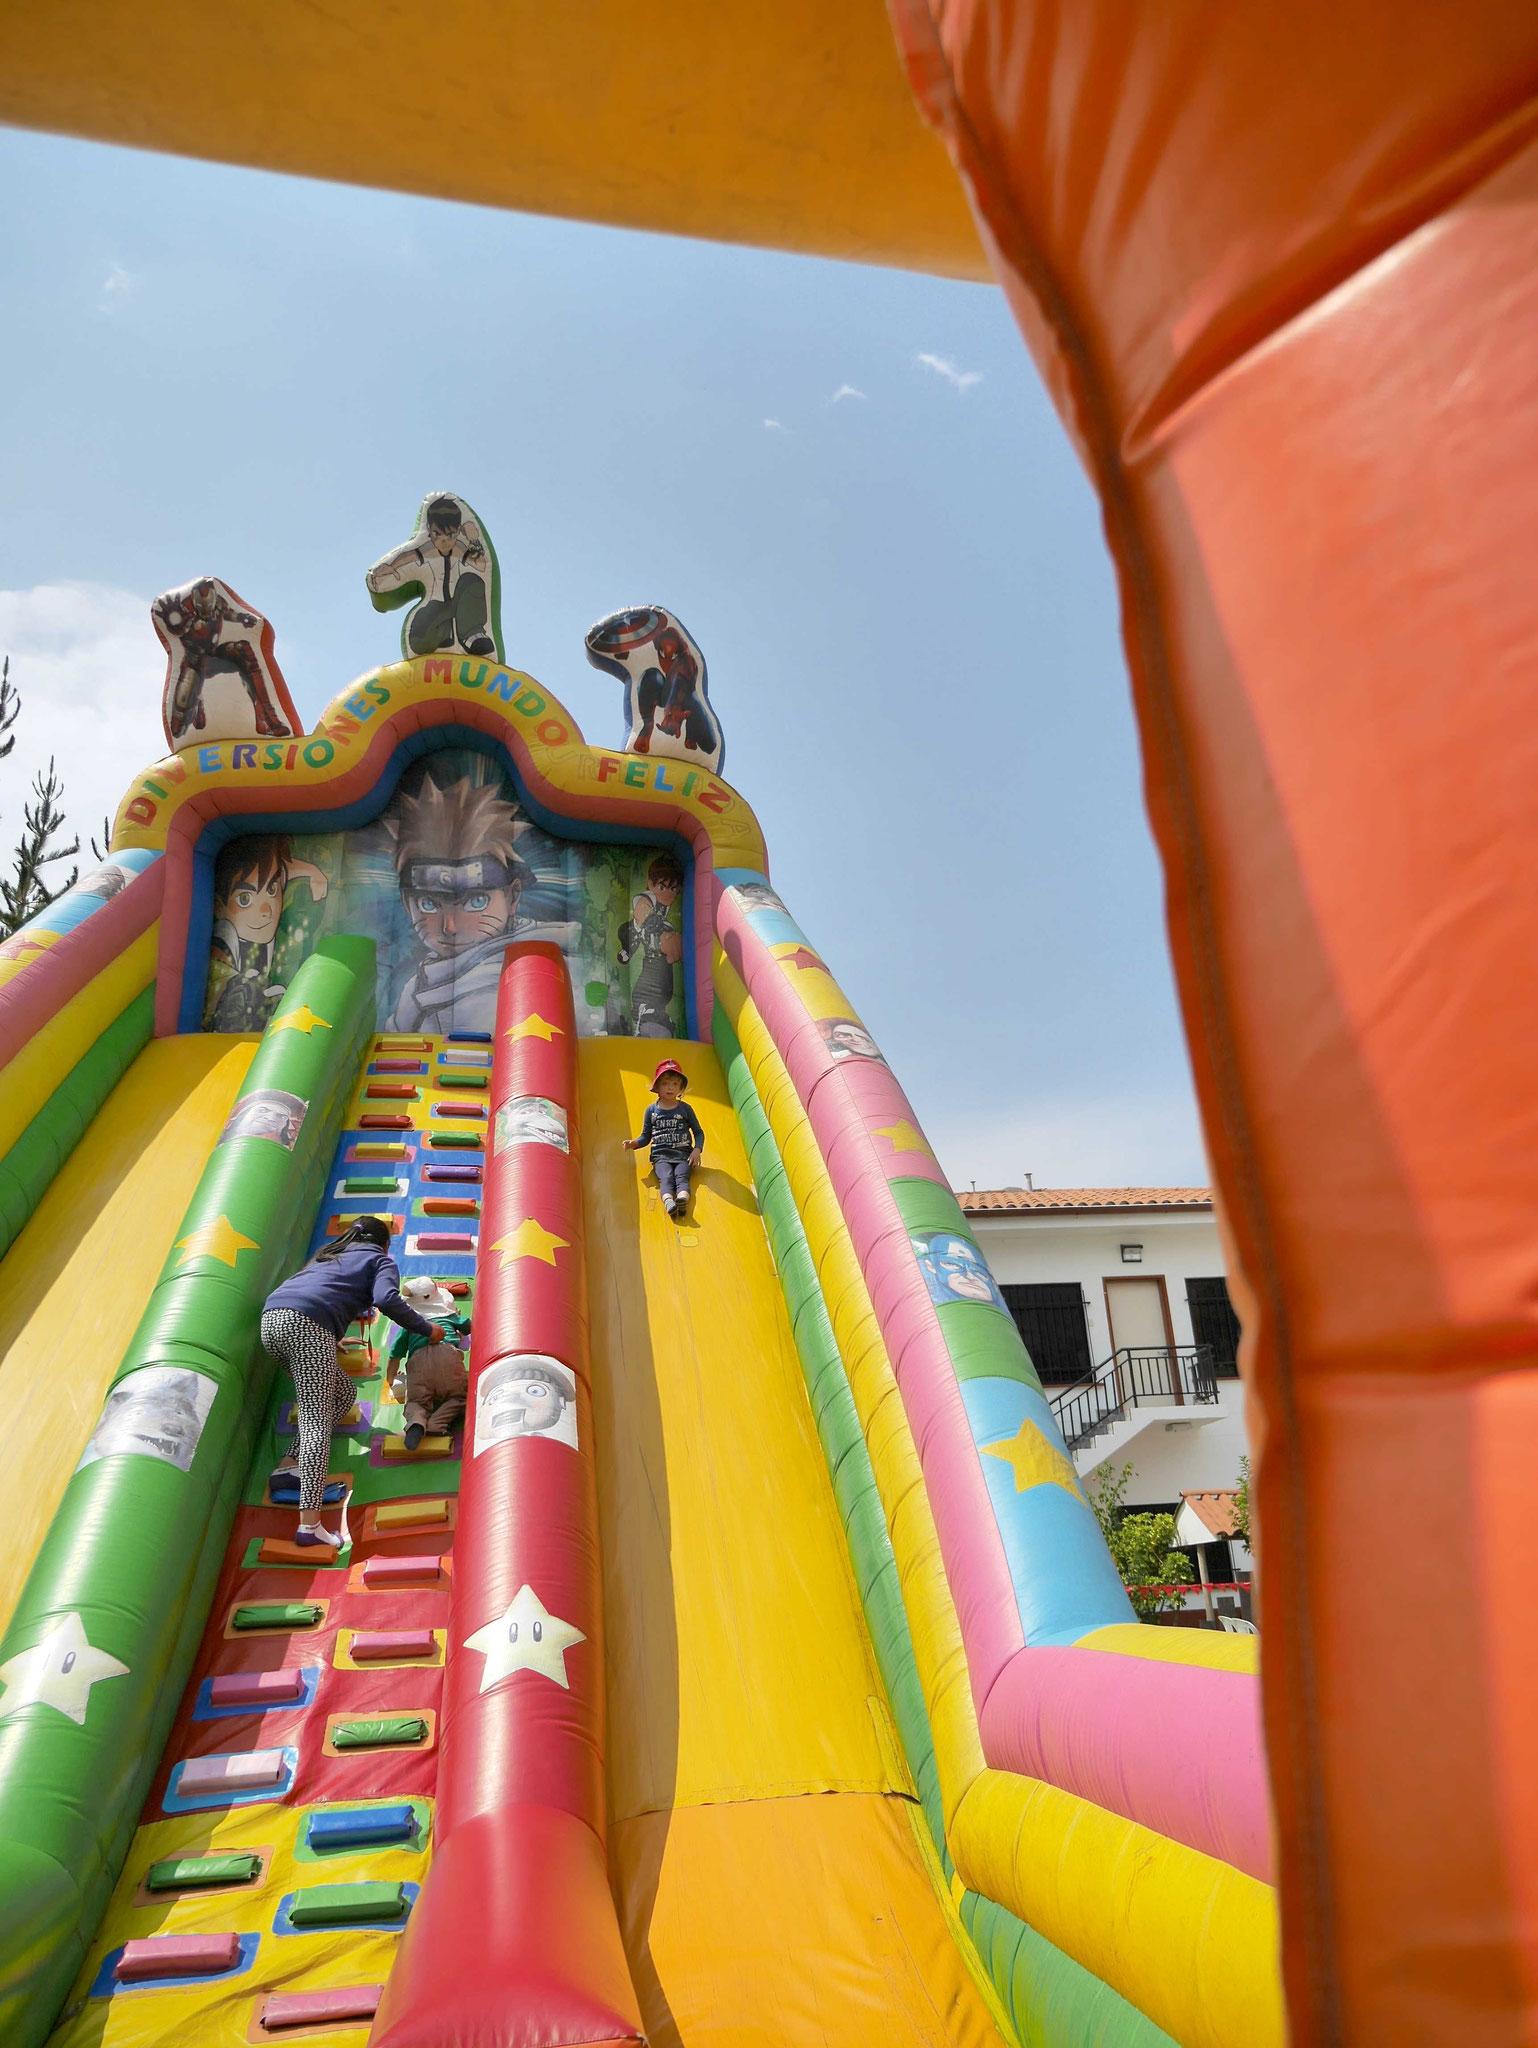 Die Riesenrutsche ist die Attraktion für die Kleinen. Während die Meisten schon beim Mittagessen sind, klettert und rutscht Johanna immer wieder mit großer Ausdauer.